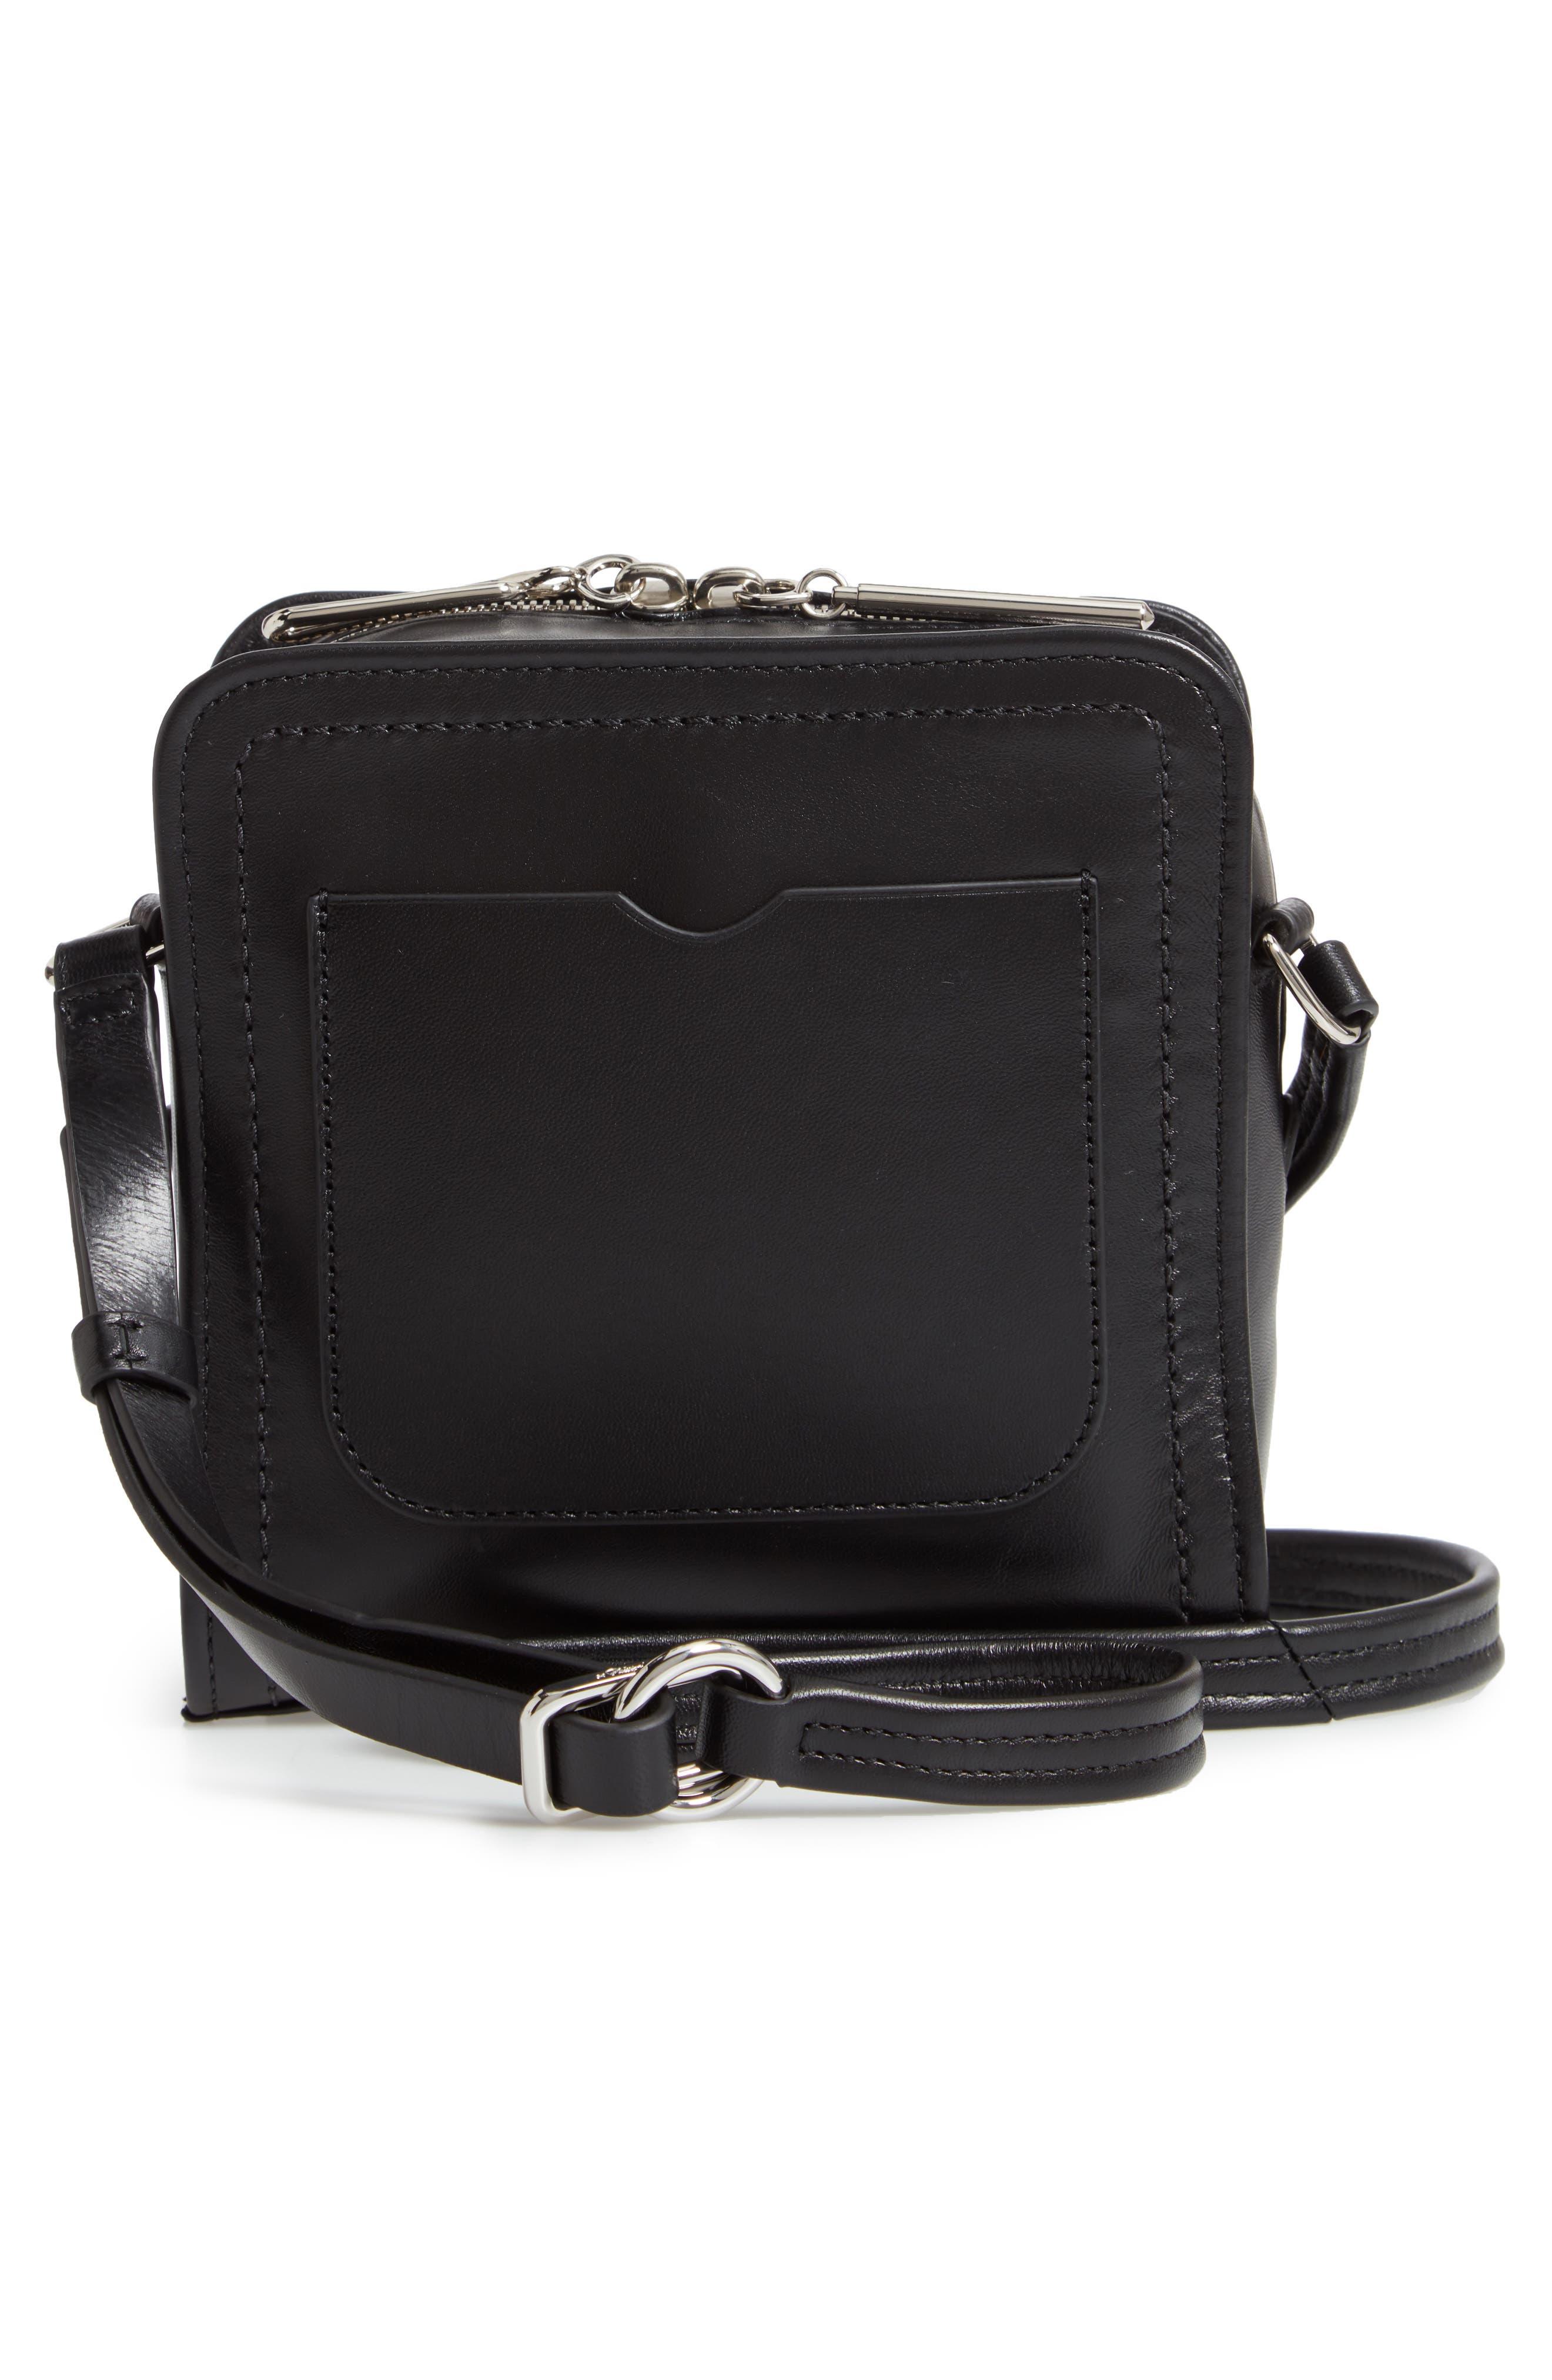 Hudson Mini Square Leather Crossbody Bag,                             Alternate thumbnail 3, color,                             001